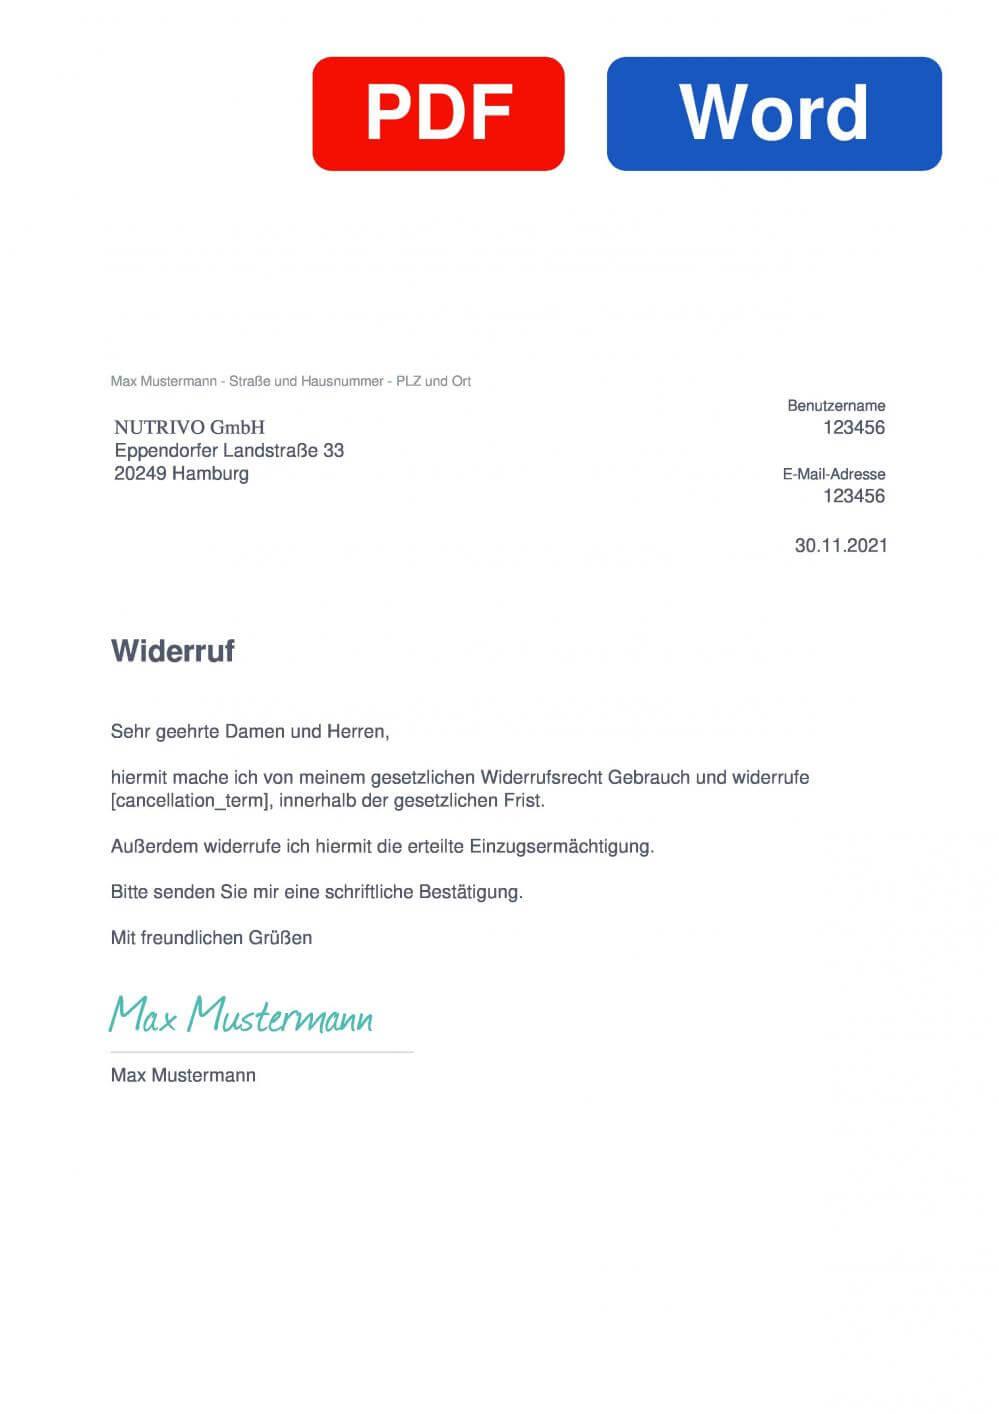 VidaVida Muster Vorlage für Wiederrufsschreiben